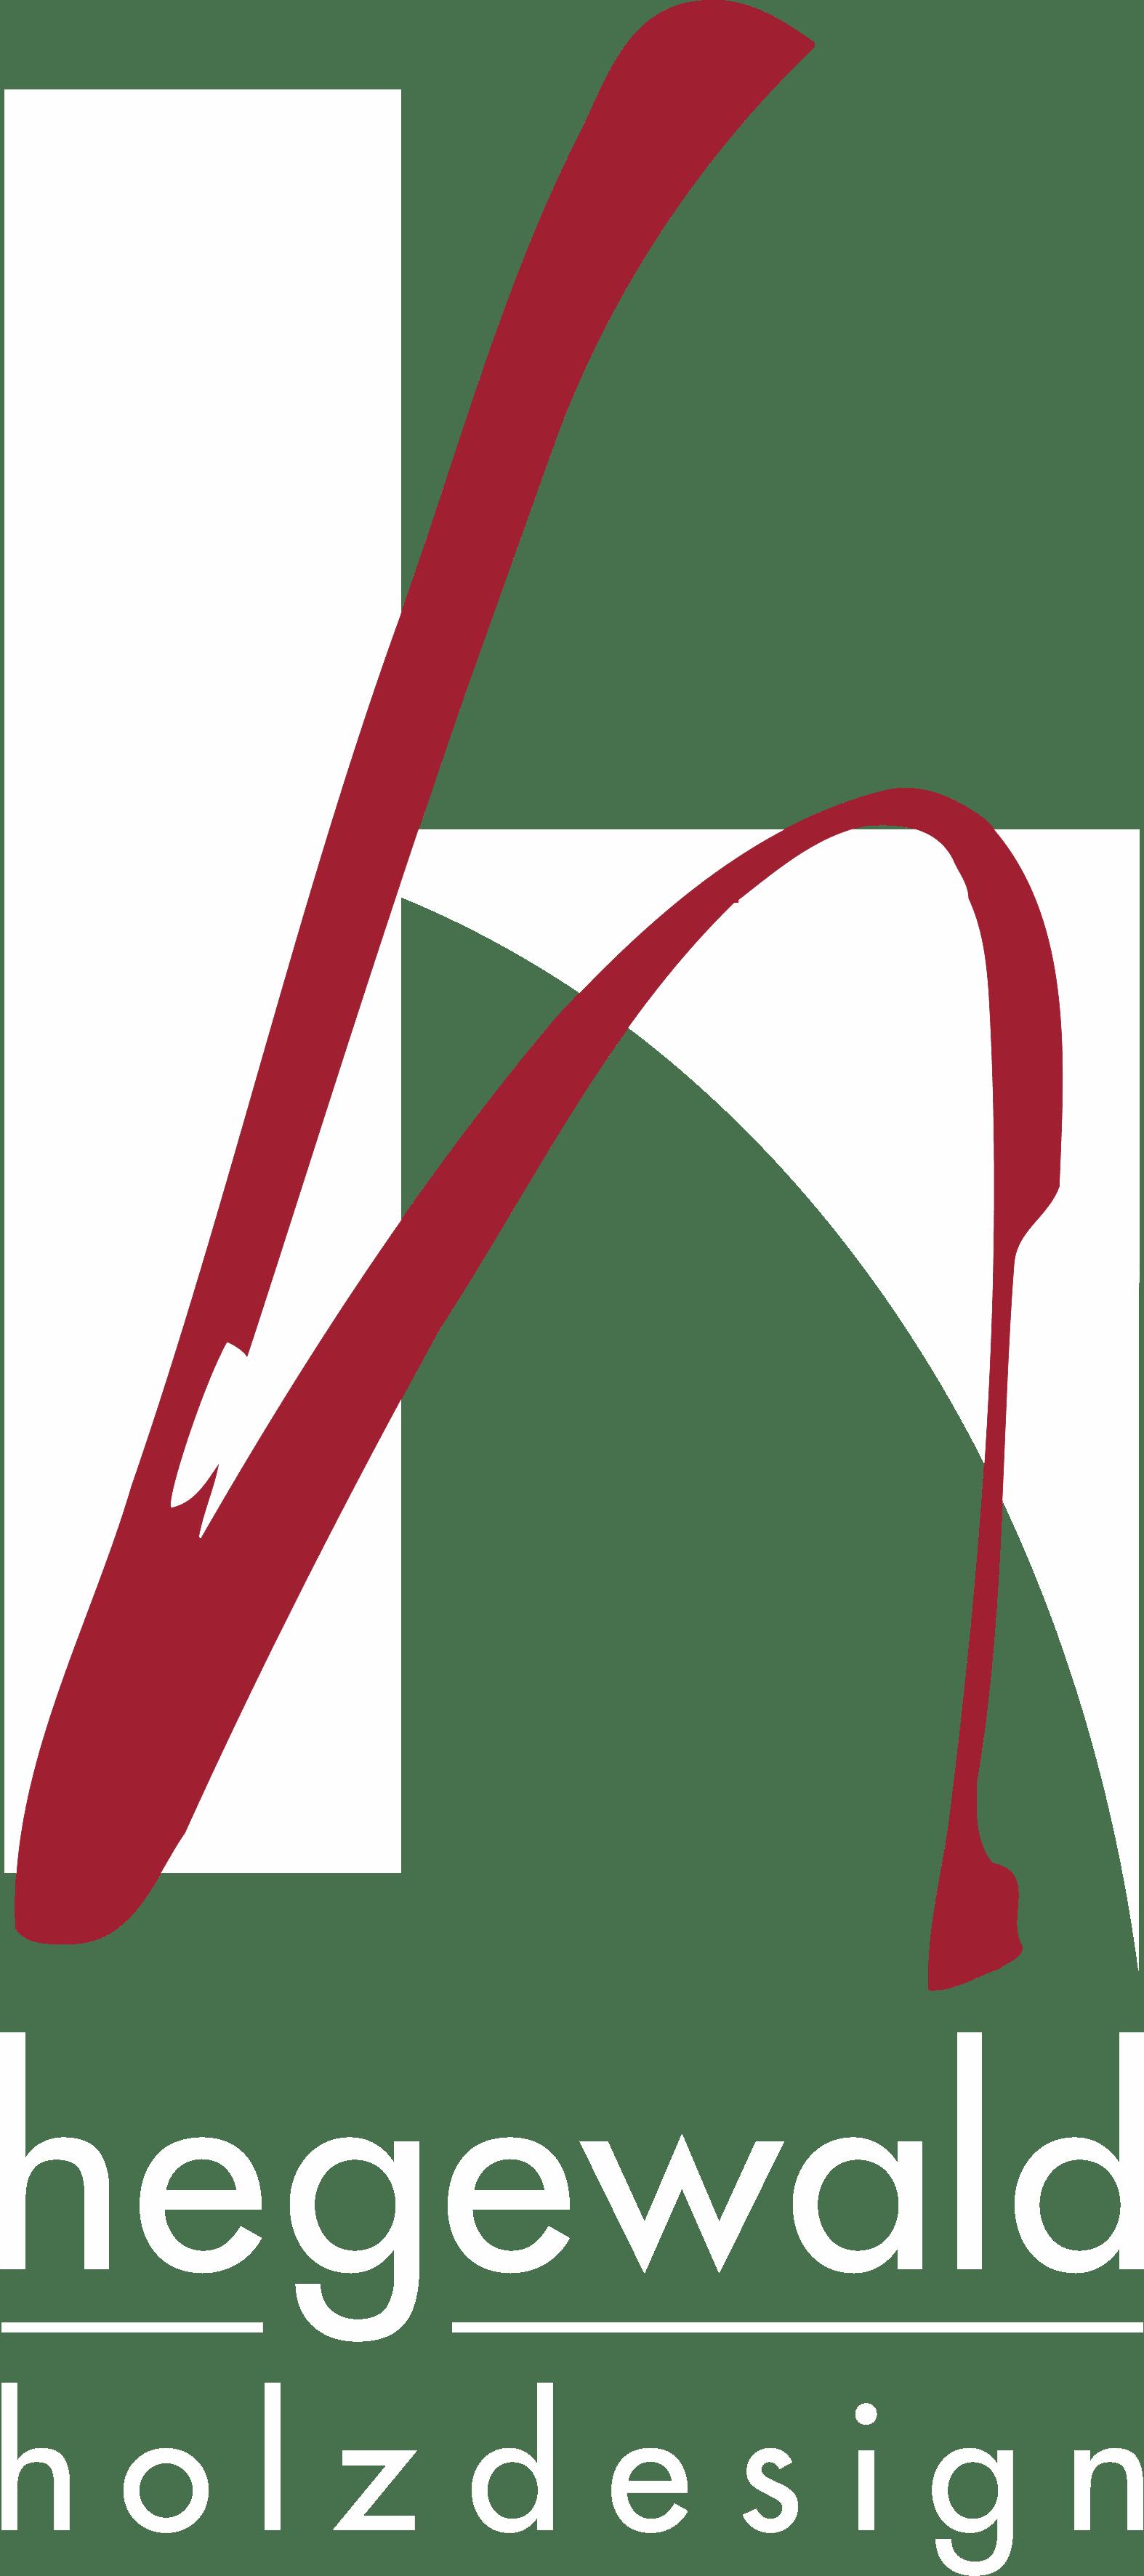 Hegewald Holzdesign